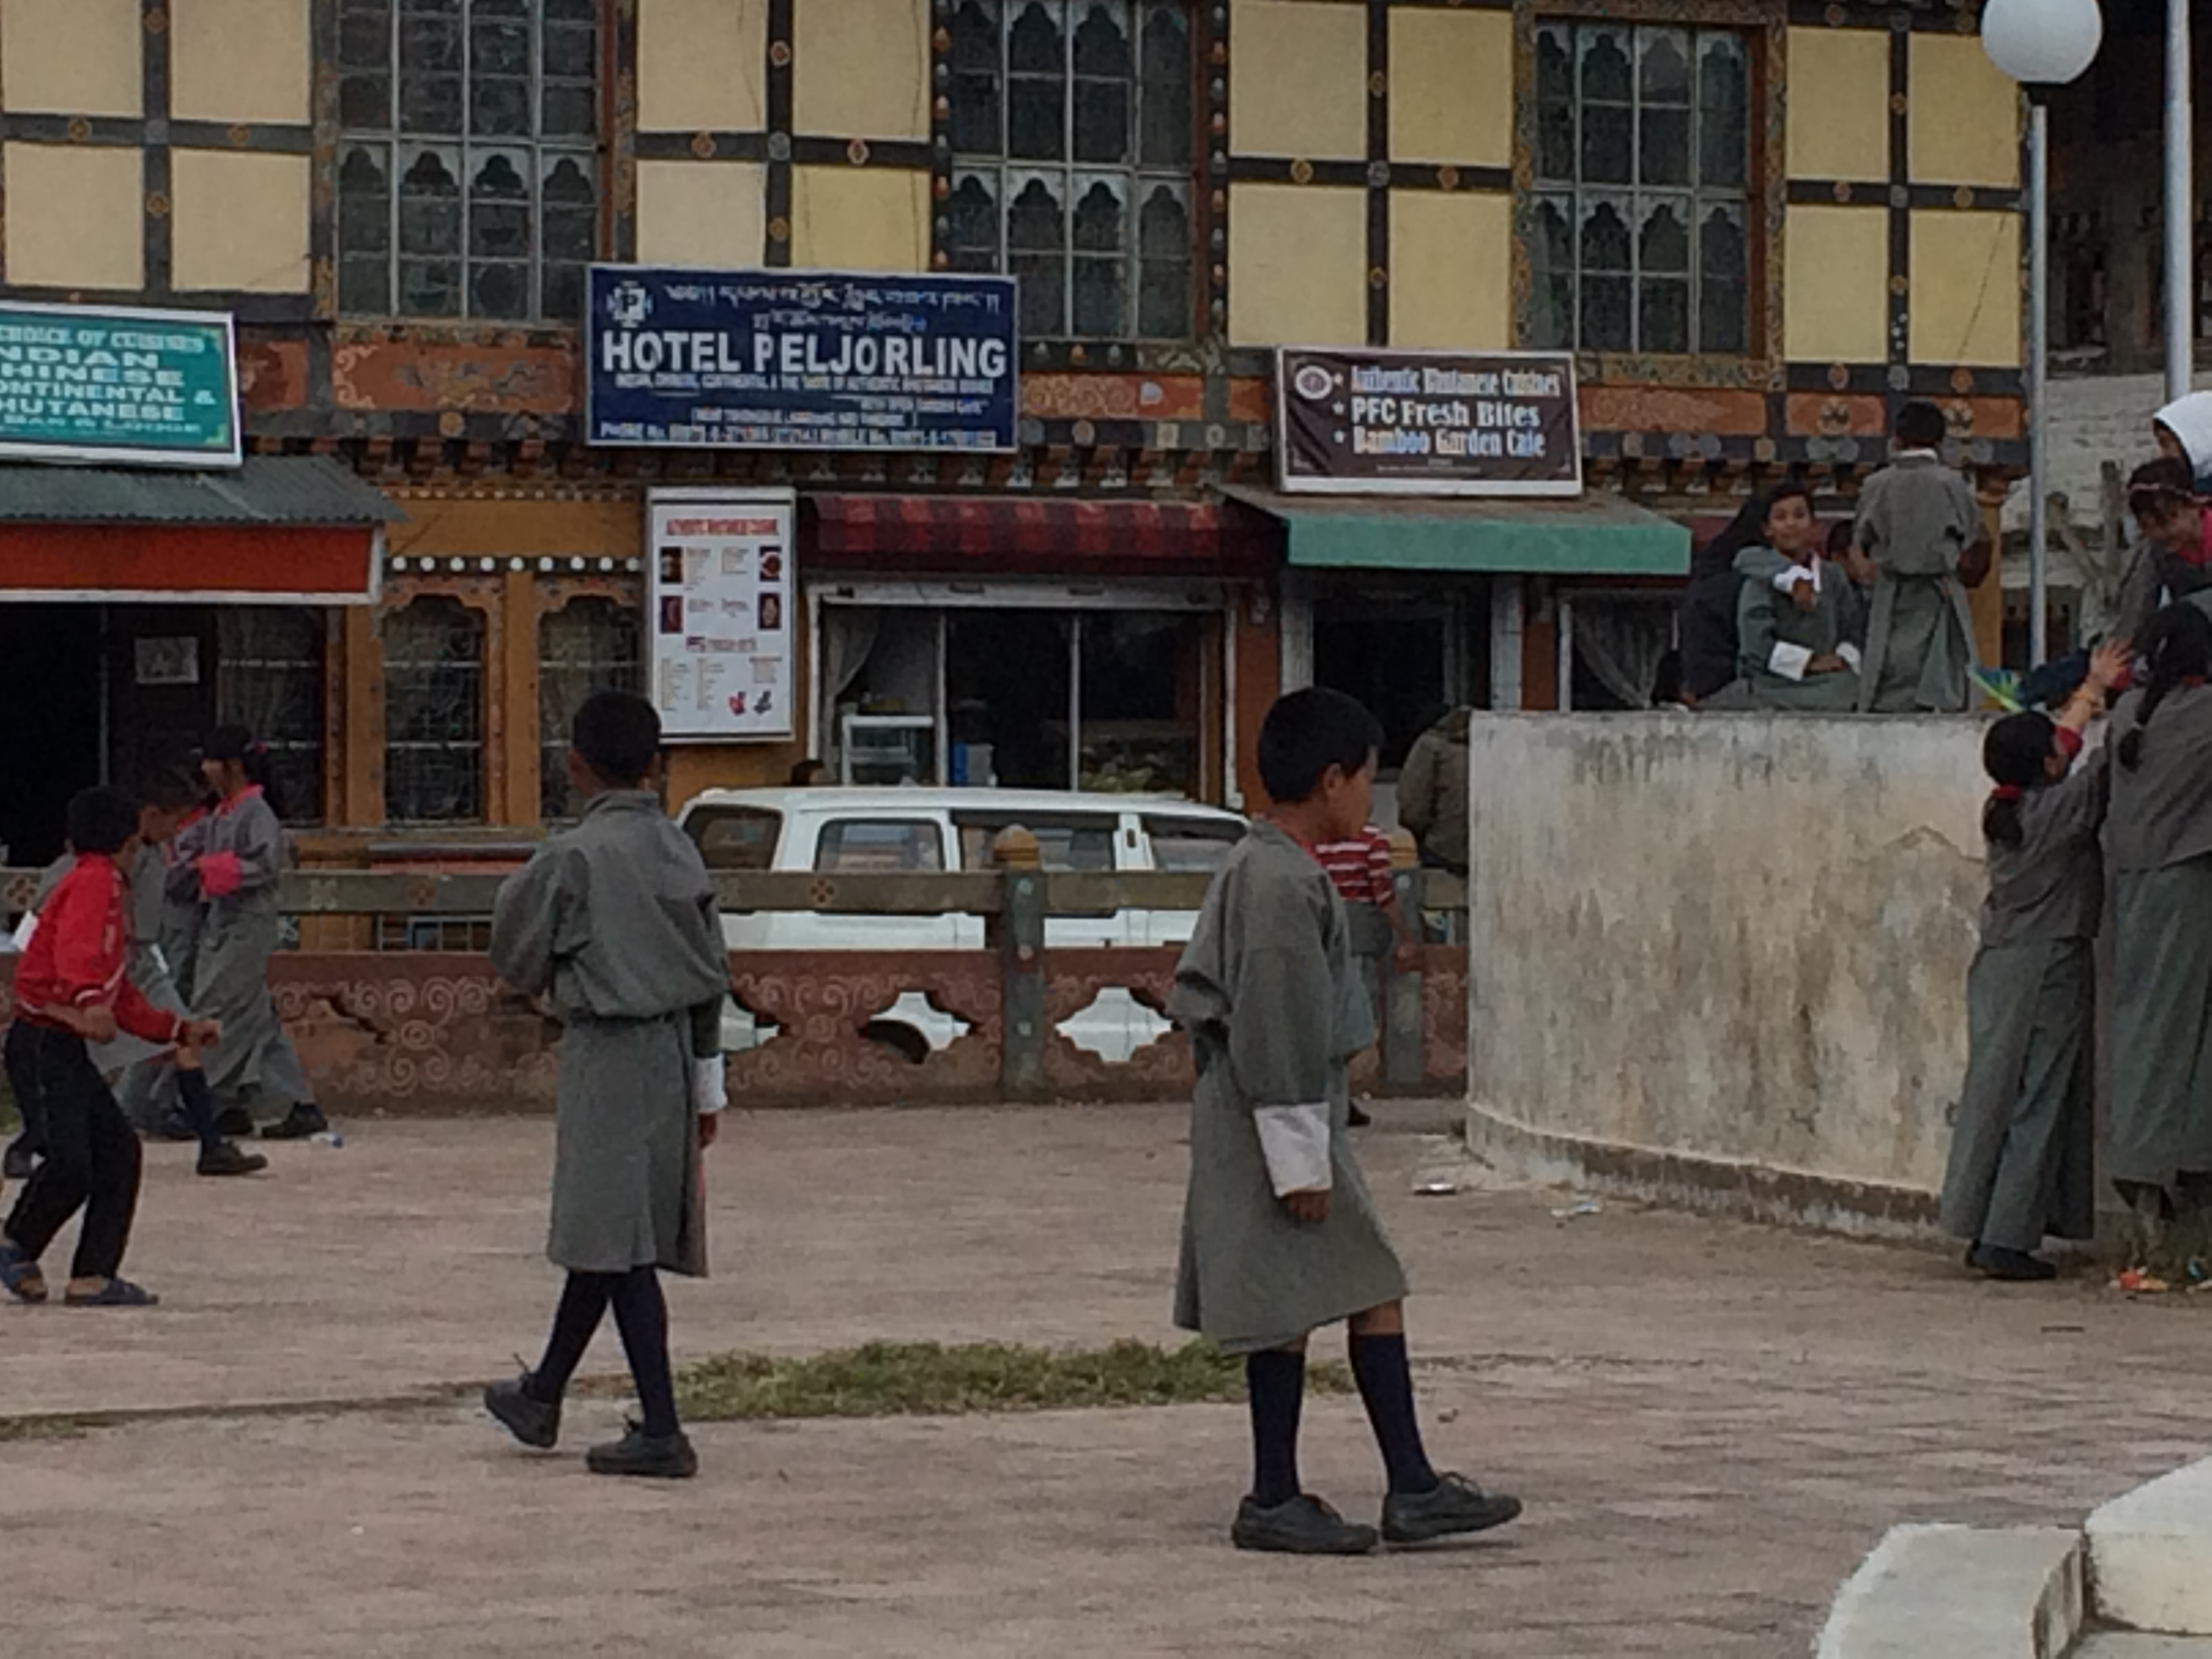 School kids in traditional dress